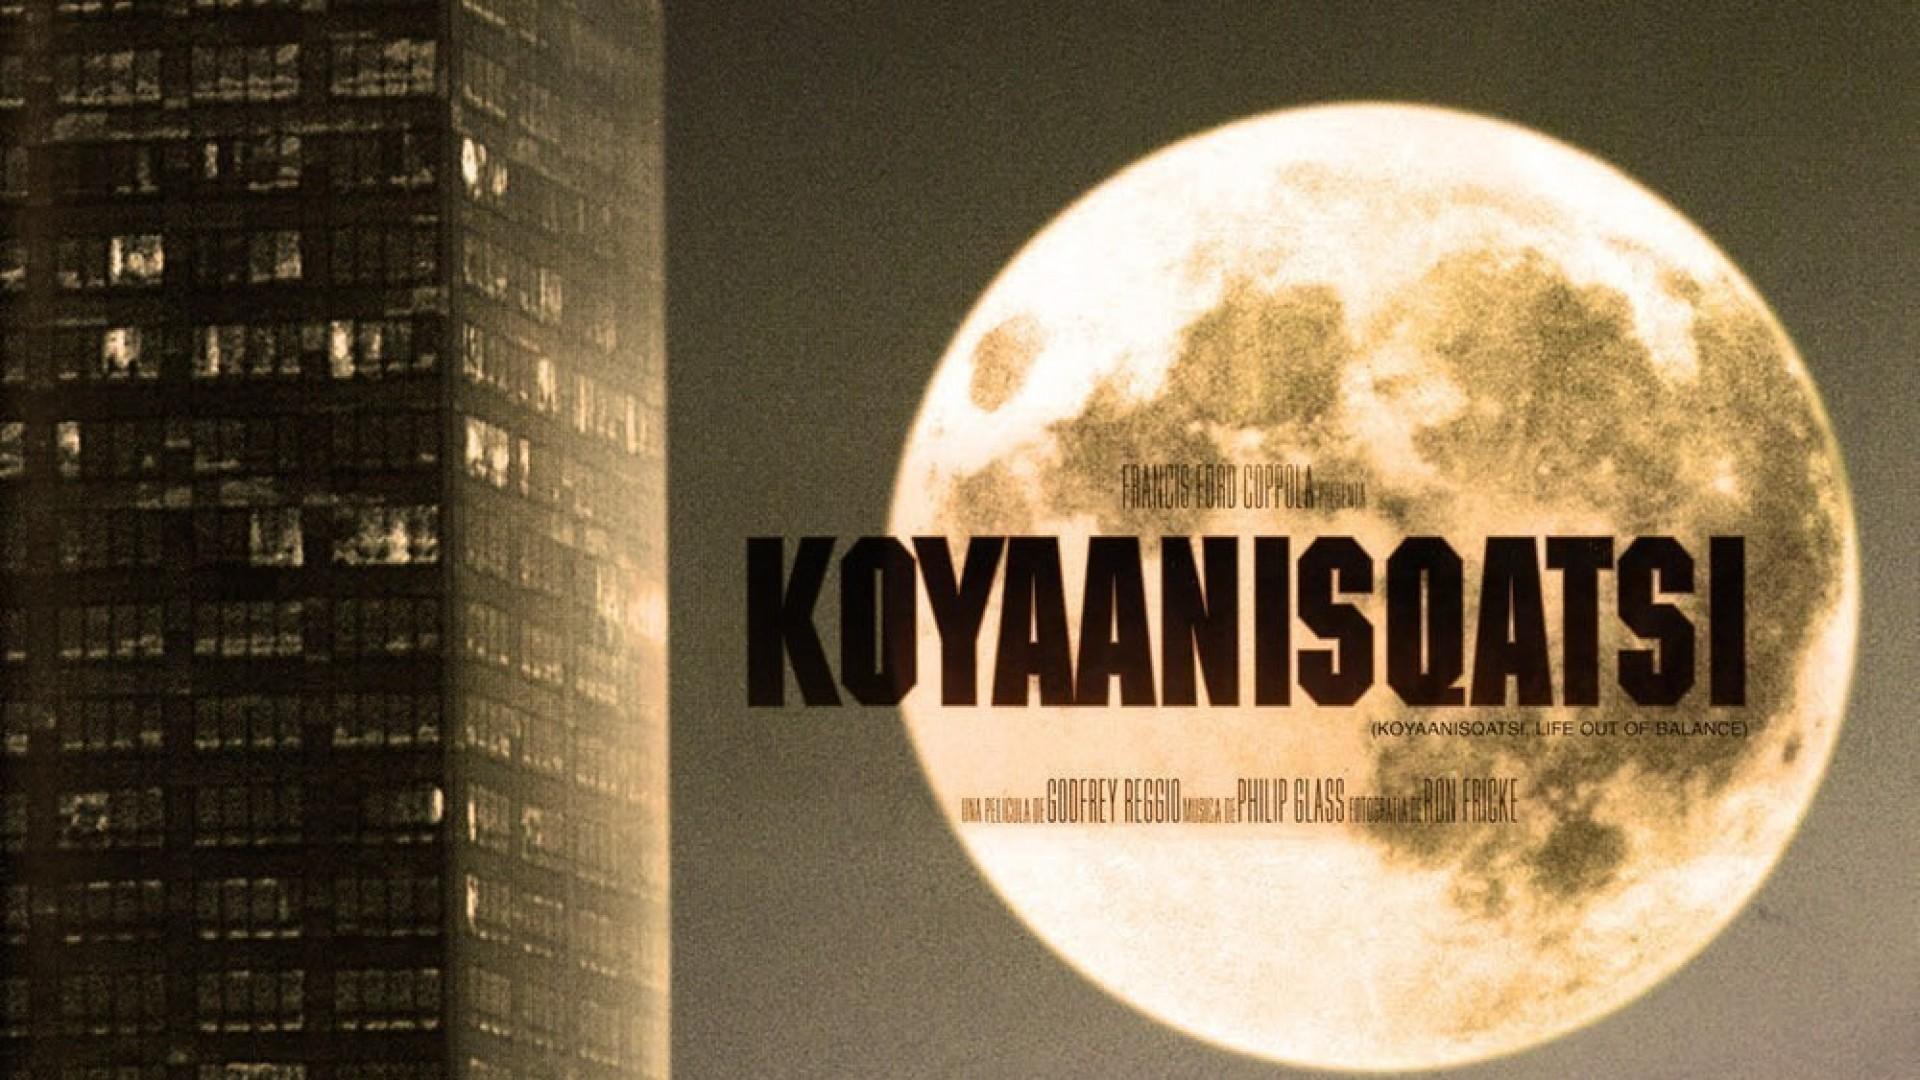 Кояанискатси: уникальный фильм о взаимоотношениях человека и планеты